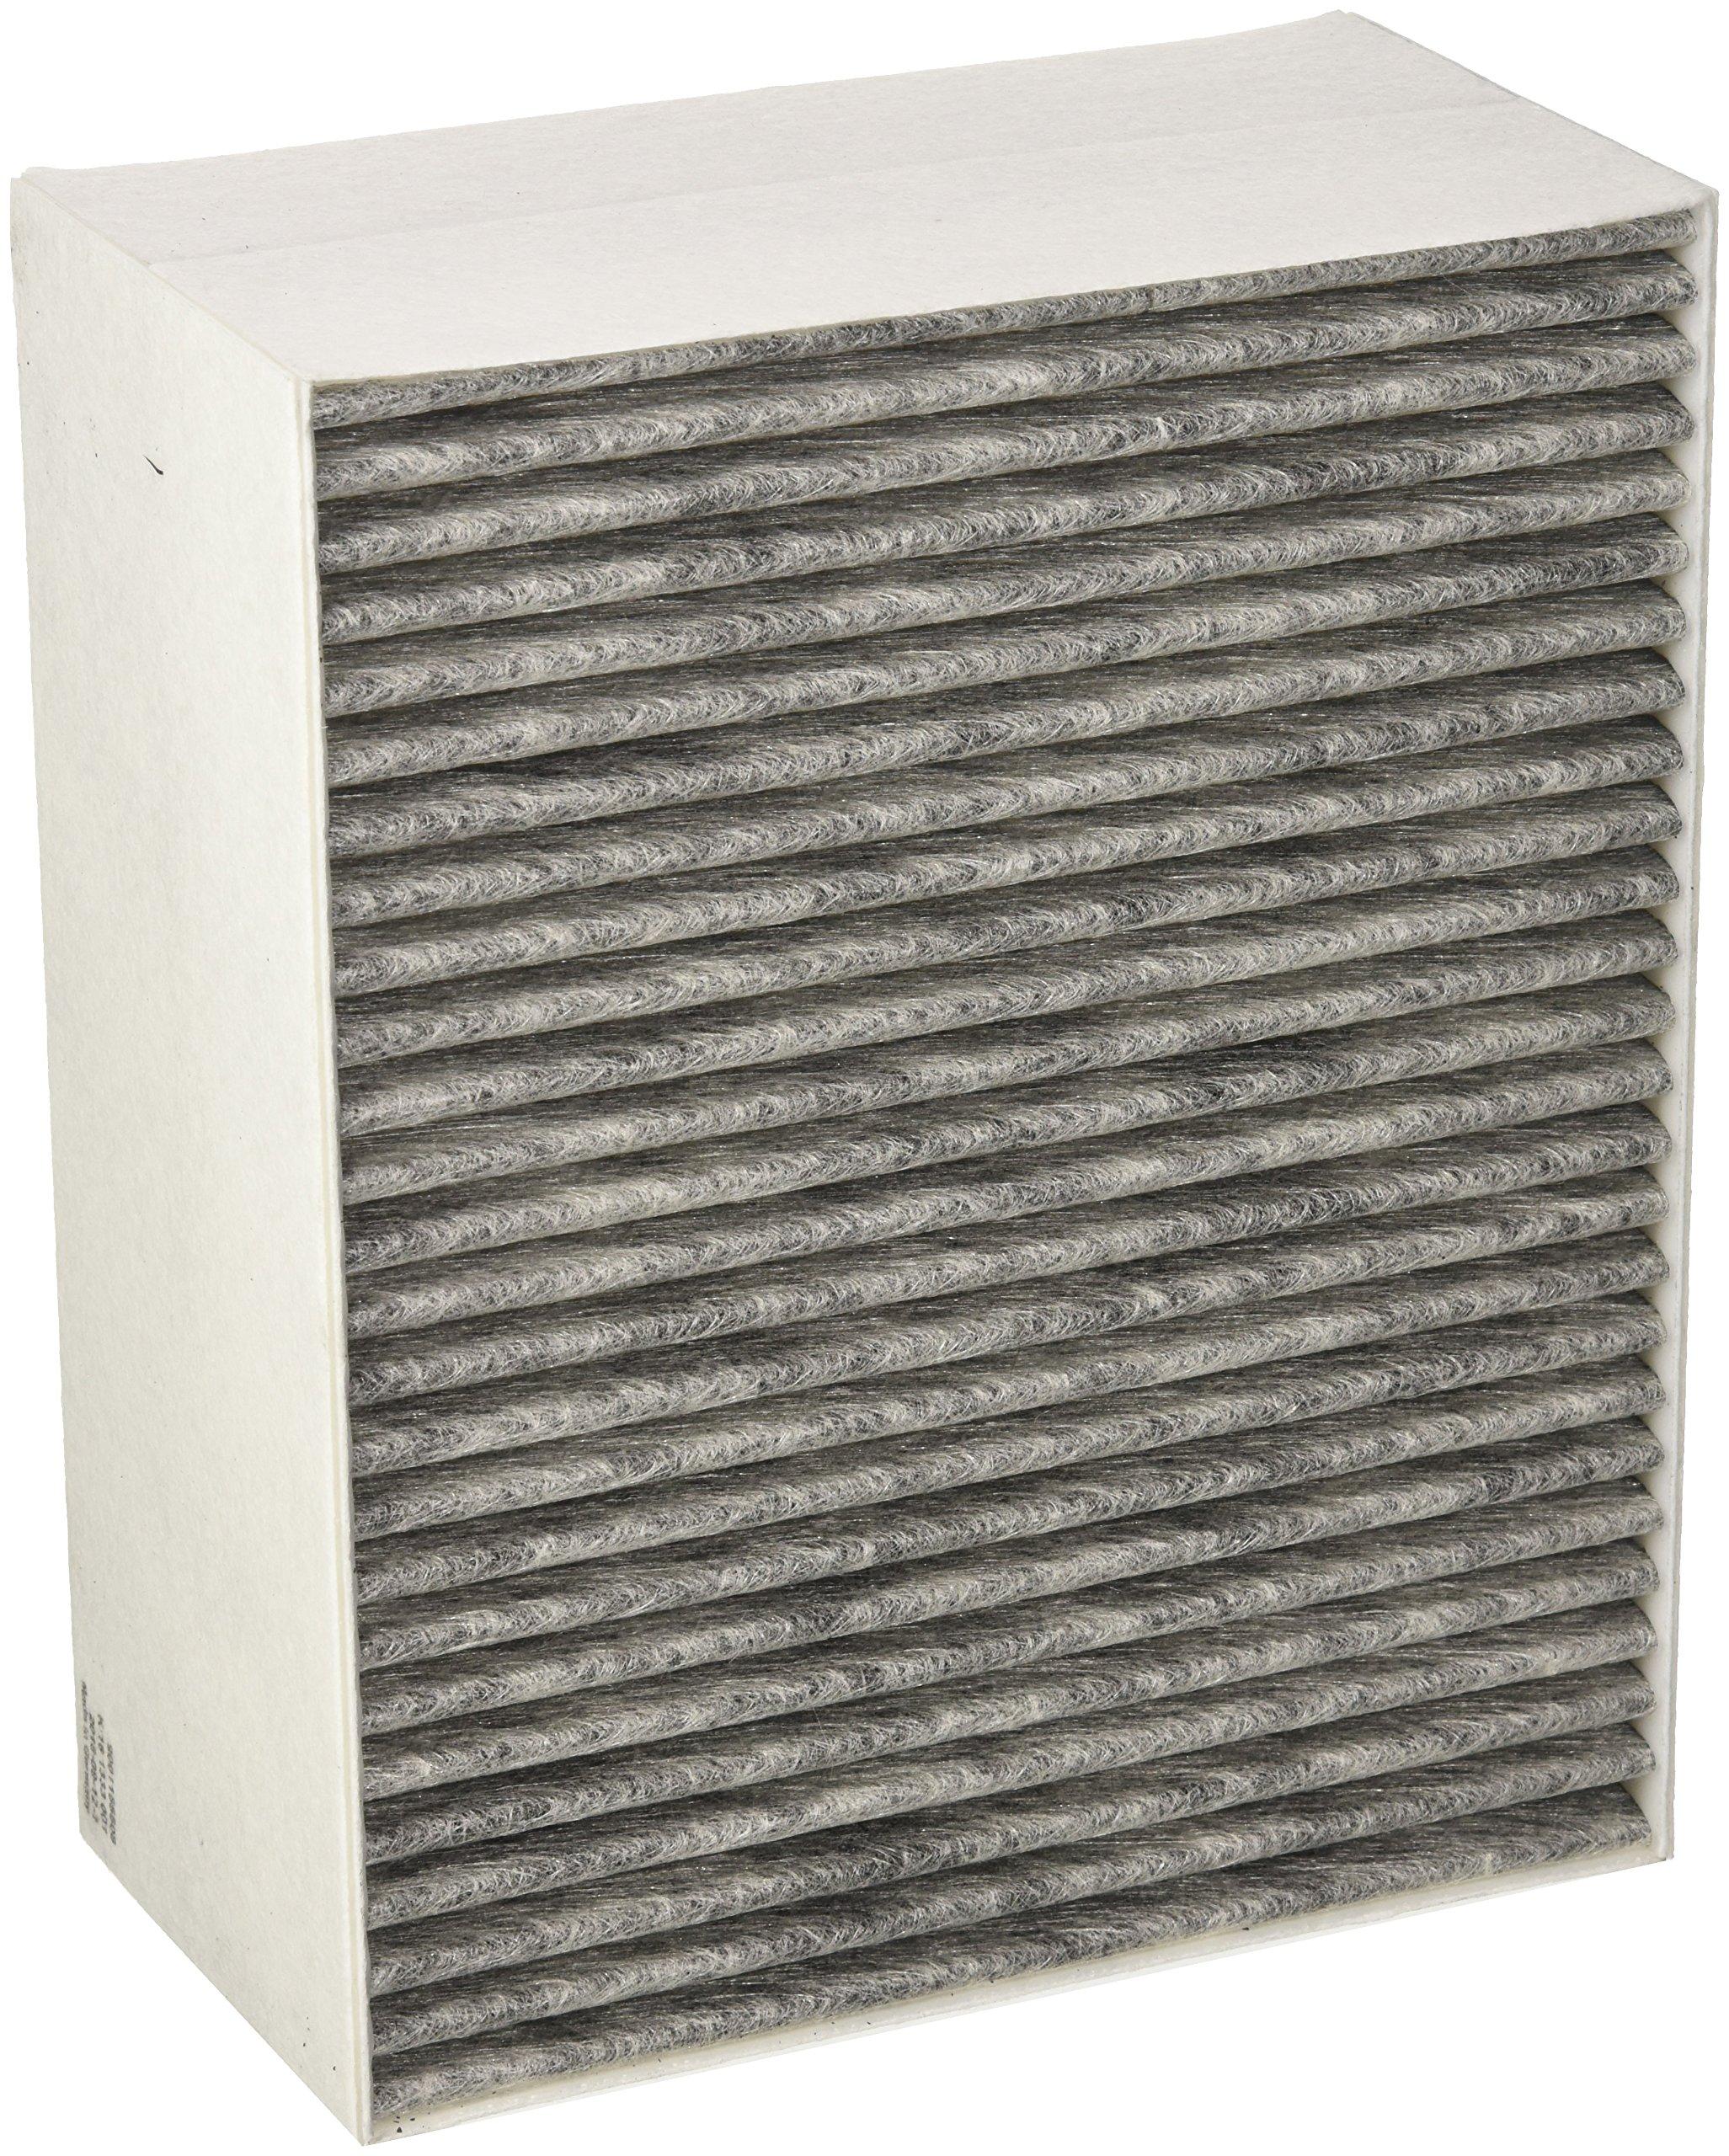 Bosch 11017314 Campana accesorios/filtro de carbón activo Clean Air: Amazon.es: Grandes electrodomésticos